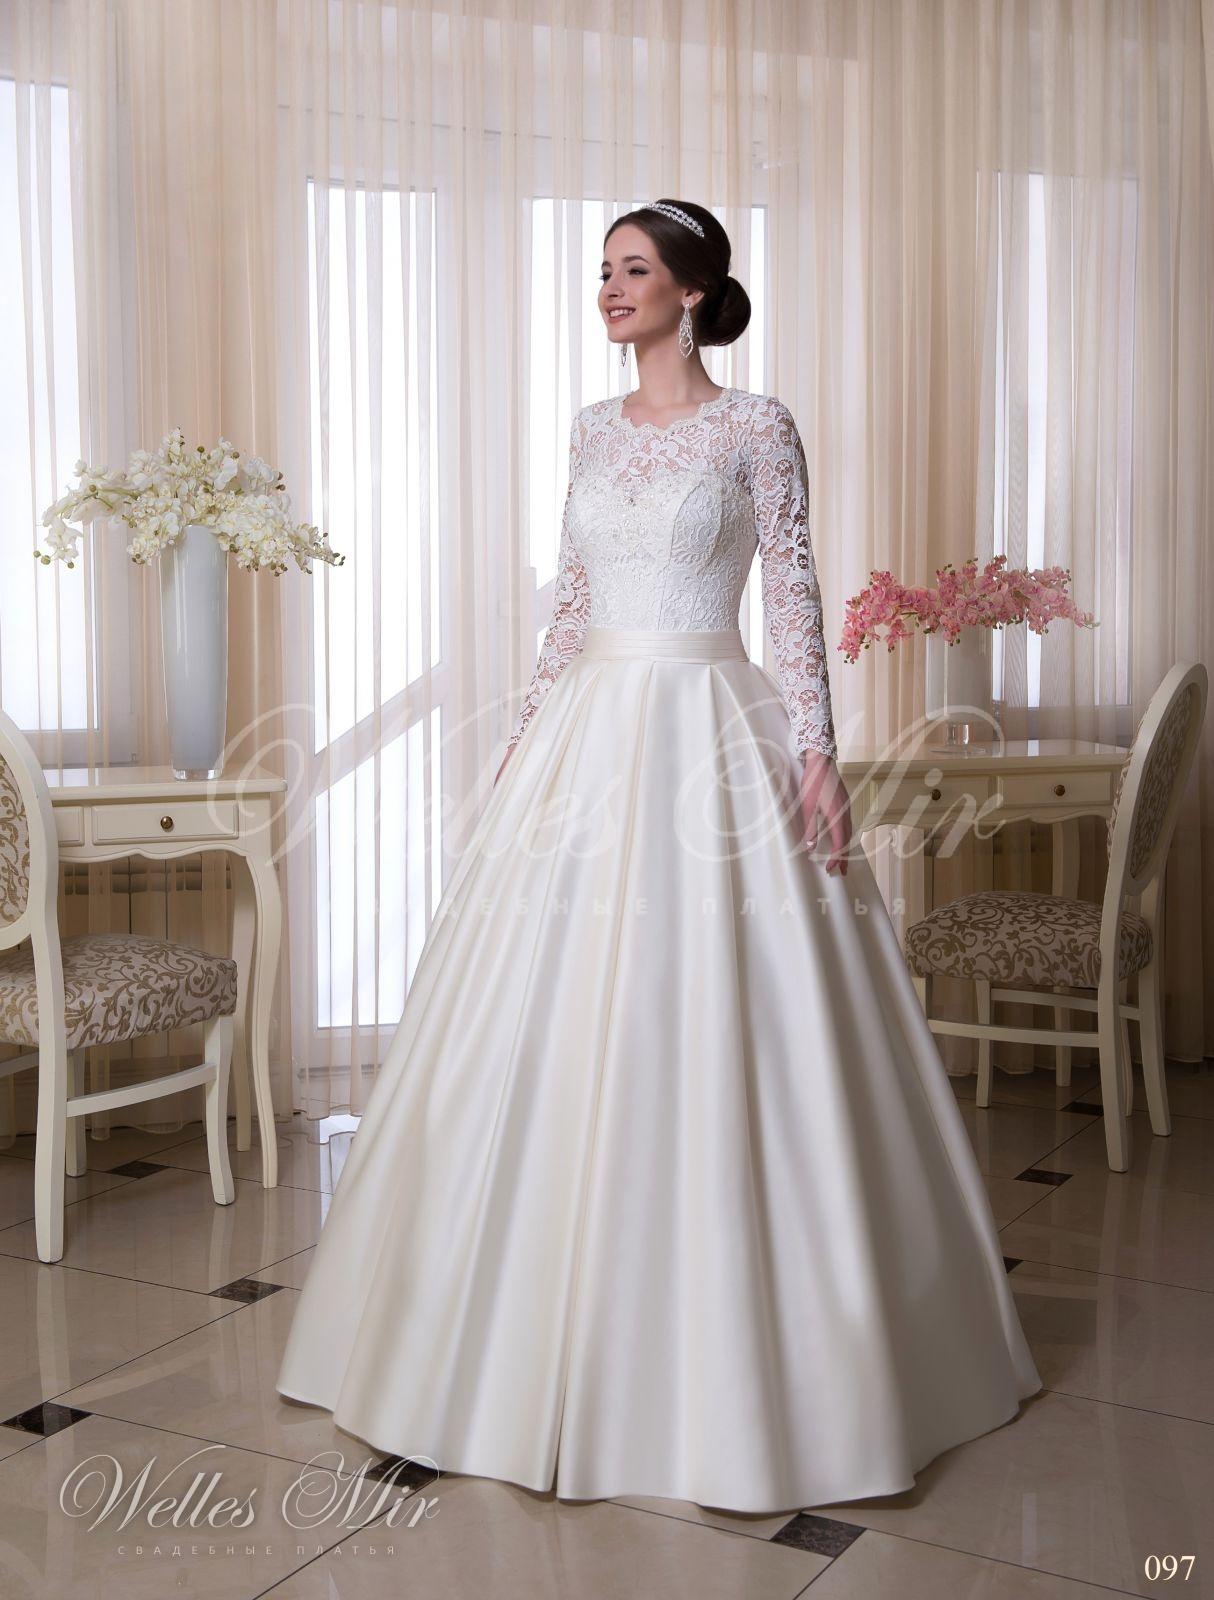 Свадебные платья Charming Elegance - 097